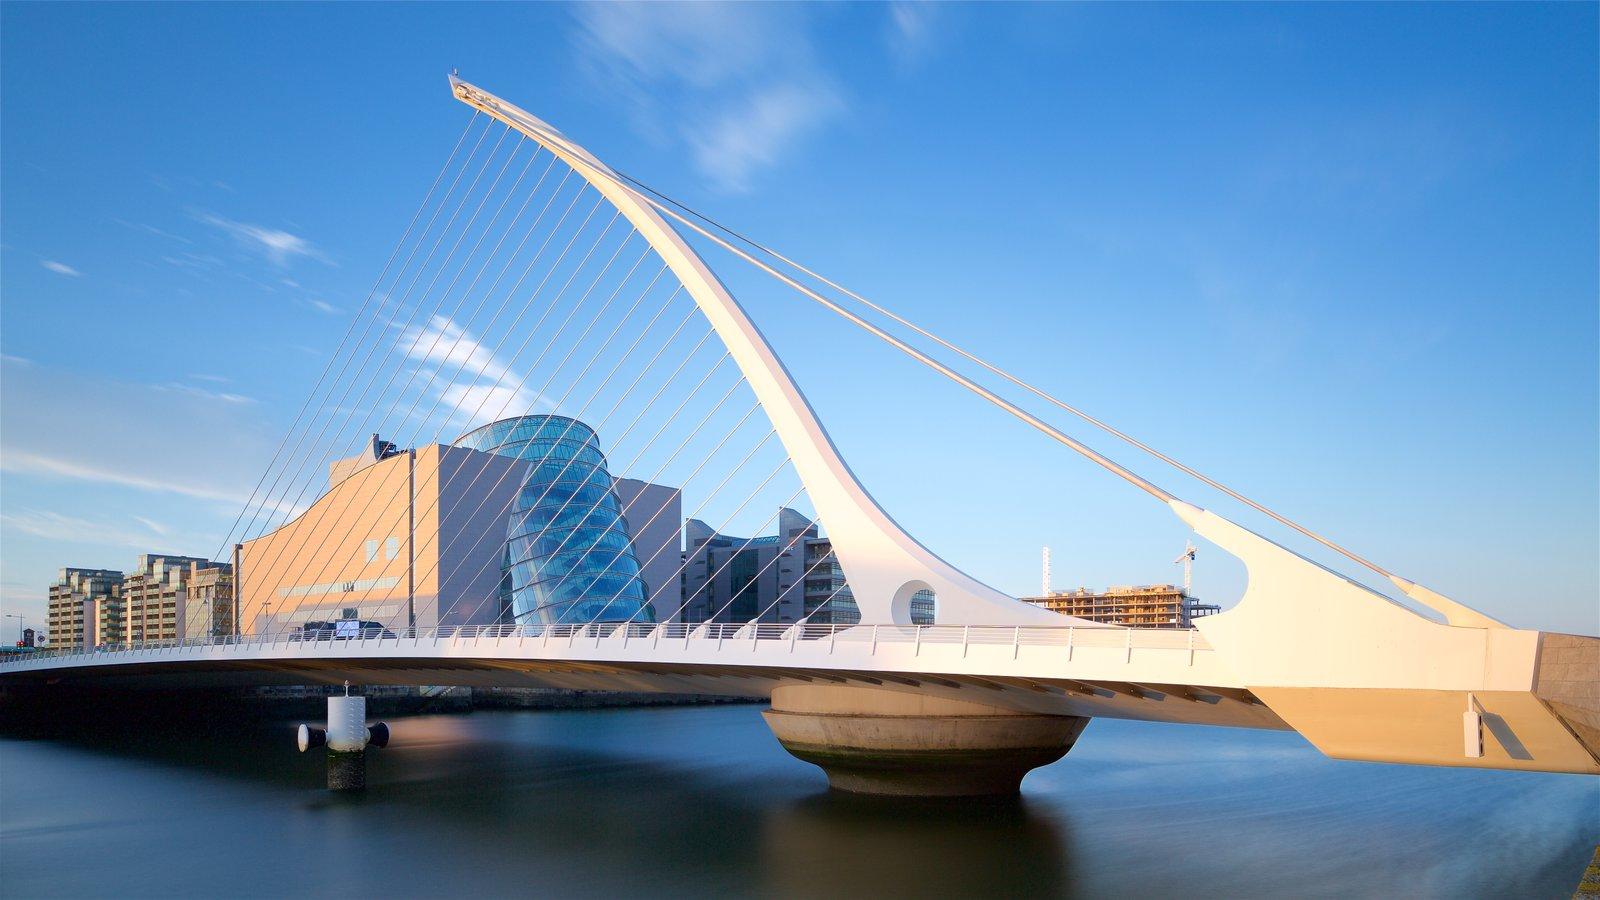 Dublín mostrando un río o arroyo, arquitectura moderna y un puente